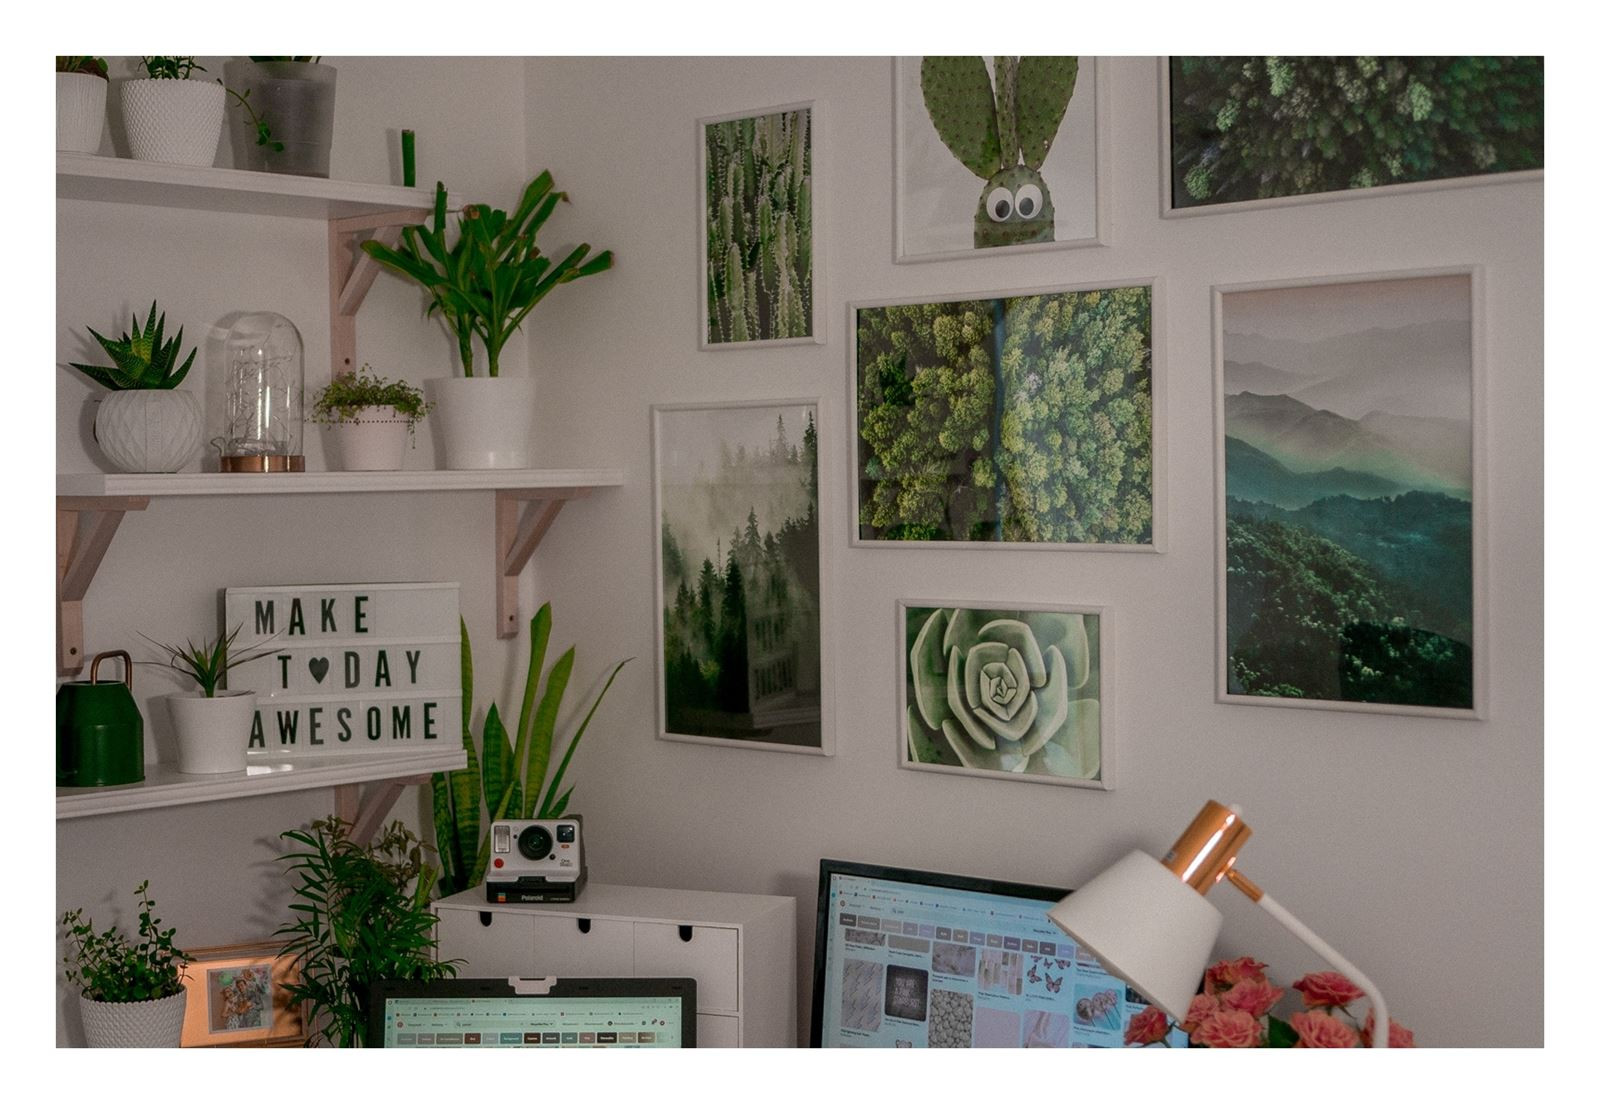 11 jak urządzić biuro w domu - dekoracje do biura, zielona ściana w mieszkaniu, jak zaprojektować galerię plakatów, plakaty krajobrazy rośliny na ścianę jak zawiesić obraz na ścianie pokój influencera